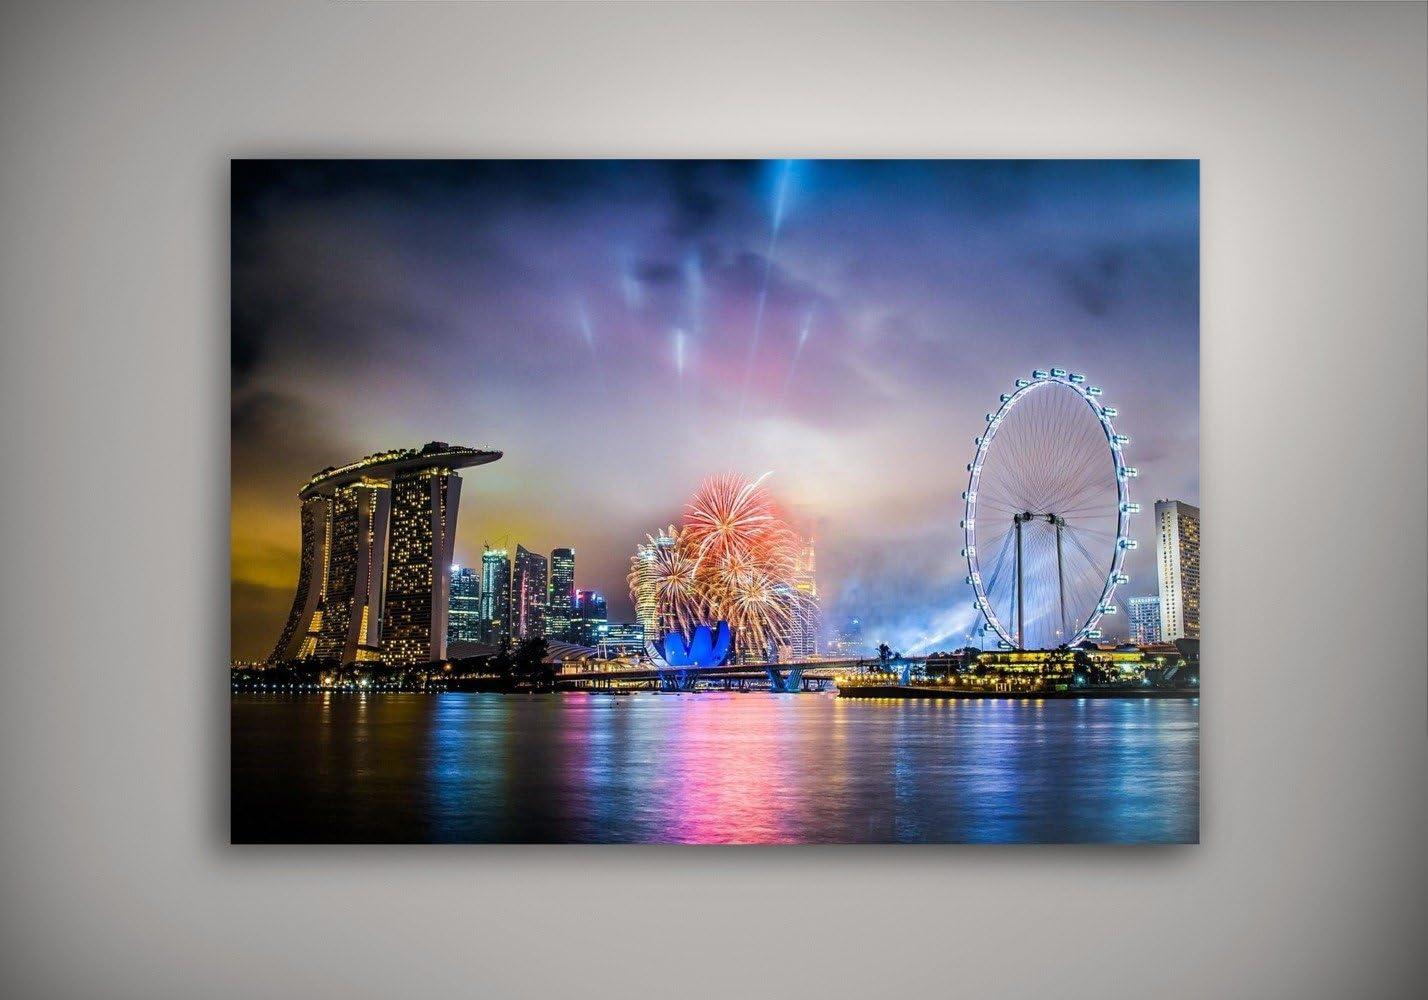 Feux dartifice /à Singapour Villes 047 Poster Auto-adh/ésif en Vinyle Affiche Plastifi/ée Murale Pop-Art D/écoration Int/érieure avec Dessin Color/é Grandeur: 8.5 x 11-22 x 28 cm